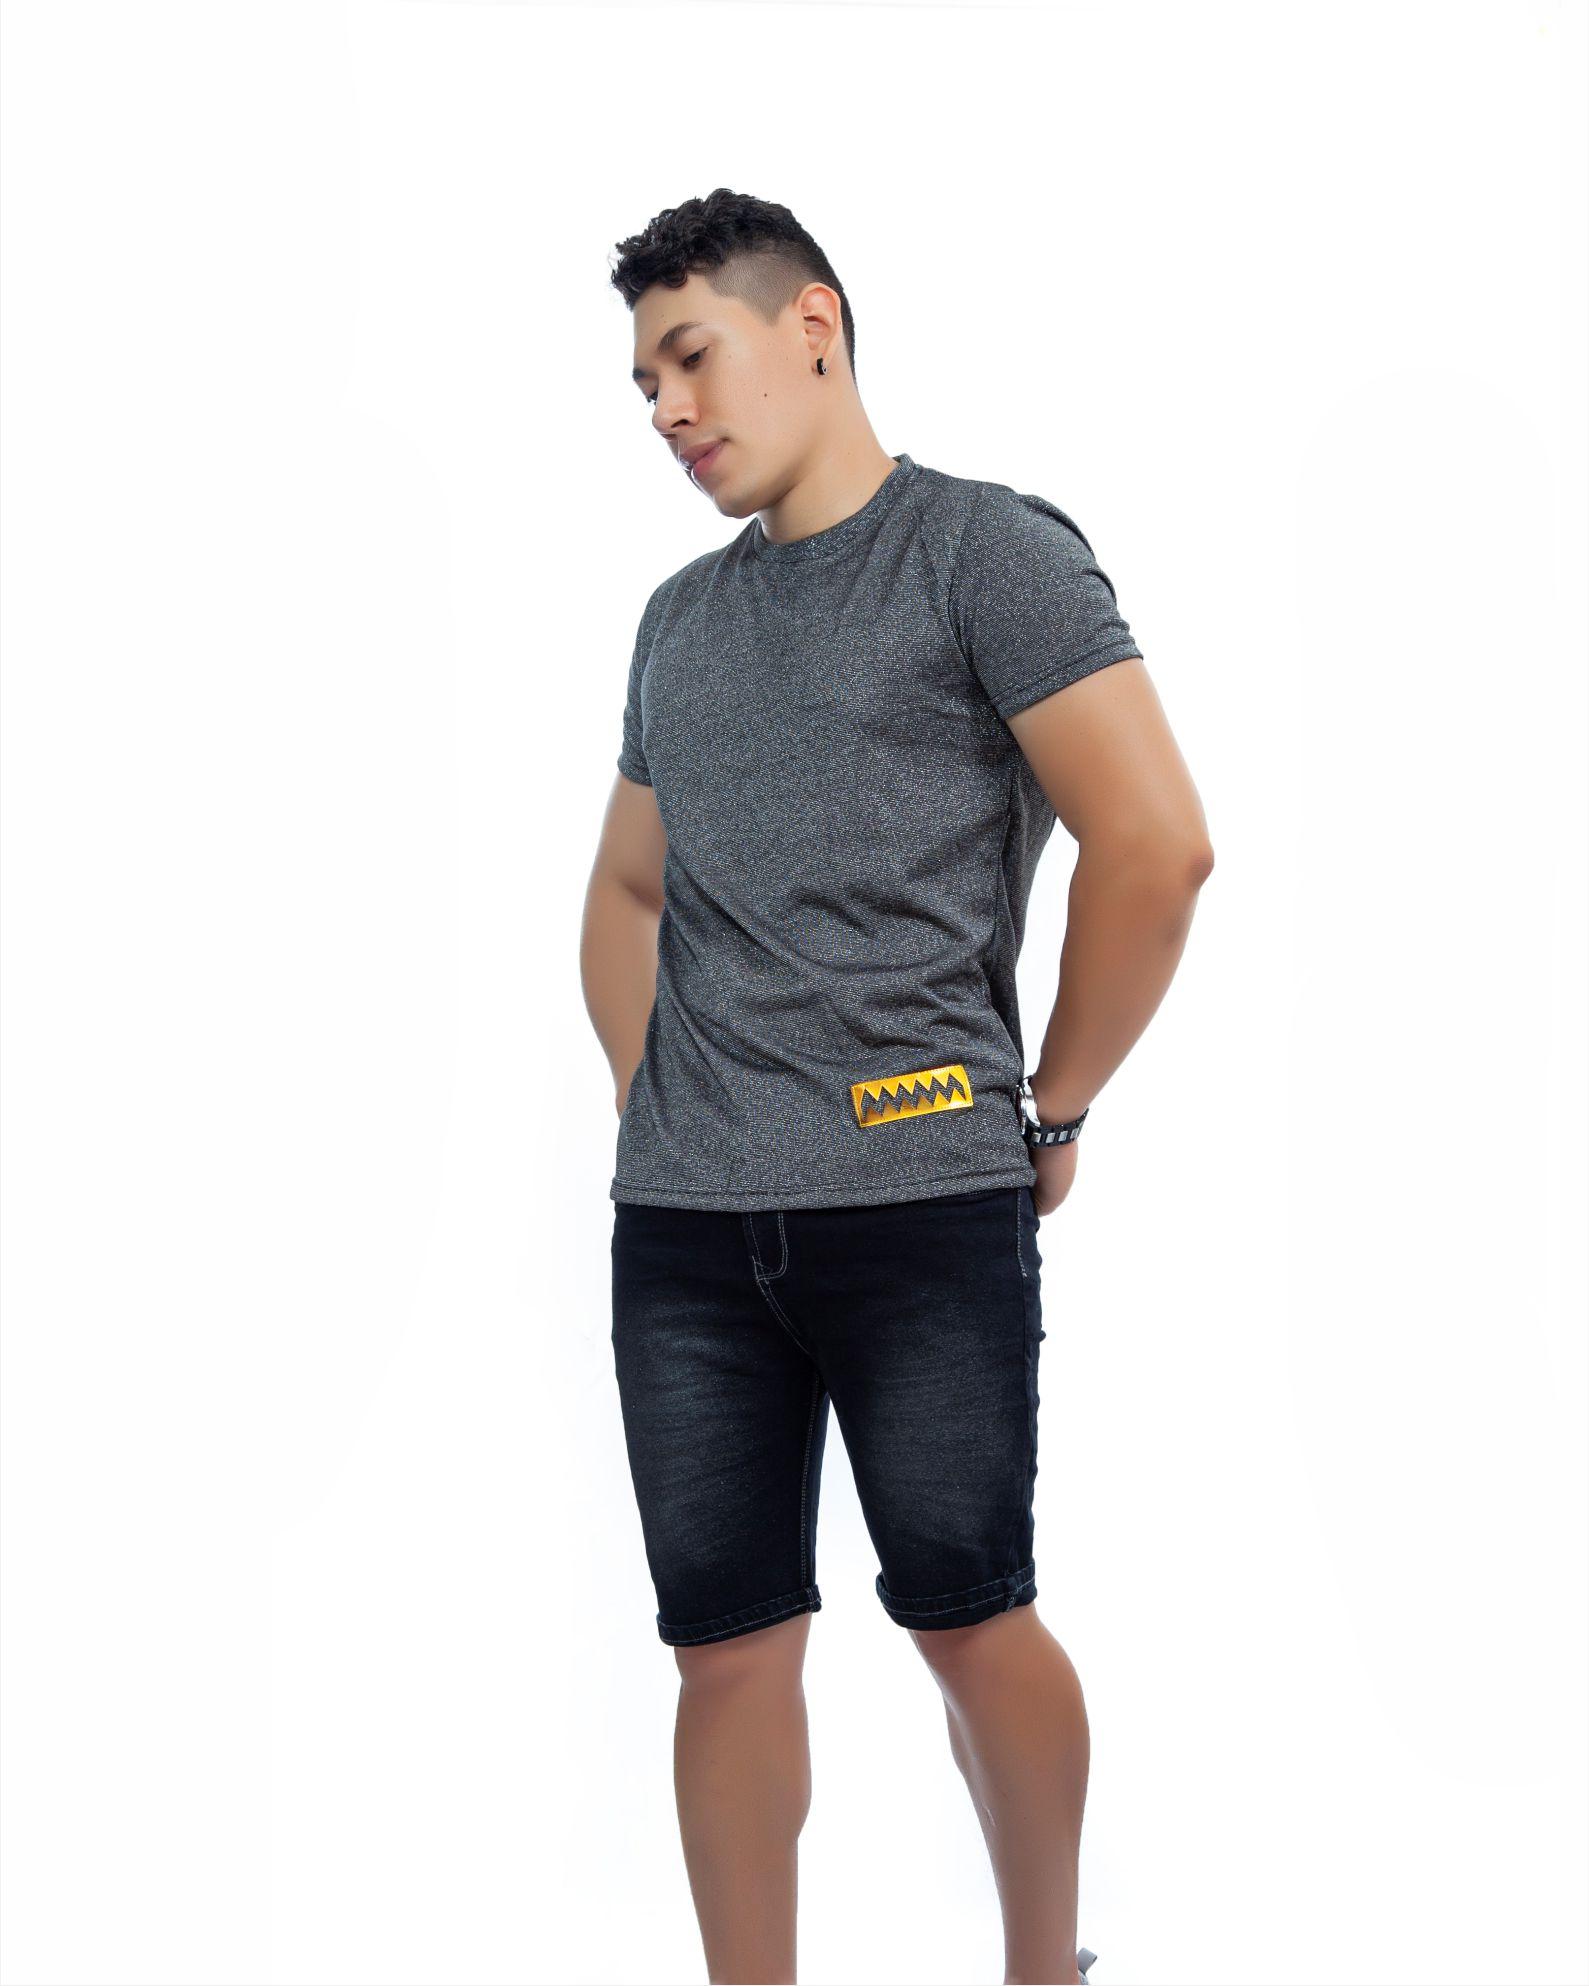 ref 1715 01 camiseta Hilo brillante Gris Oscuro, tela en algodon 80% + 18% poliester + 2% Spandex Tallas S-M-L-XL. $57.000.